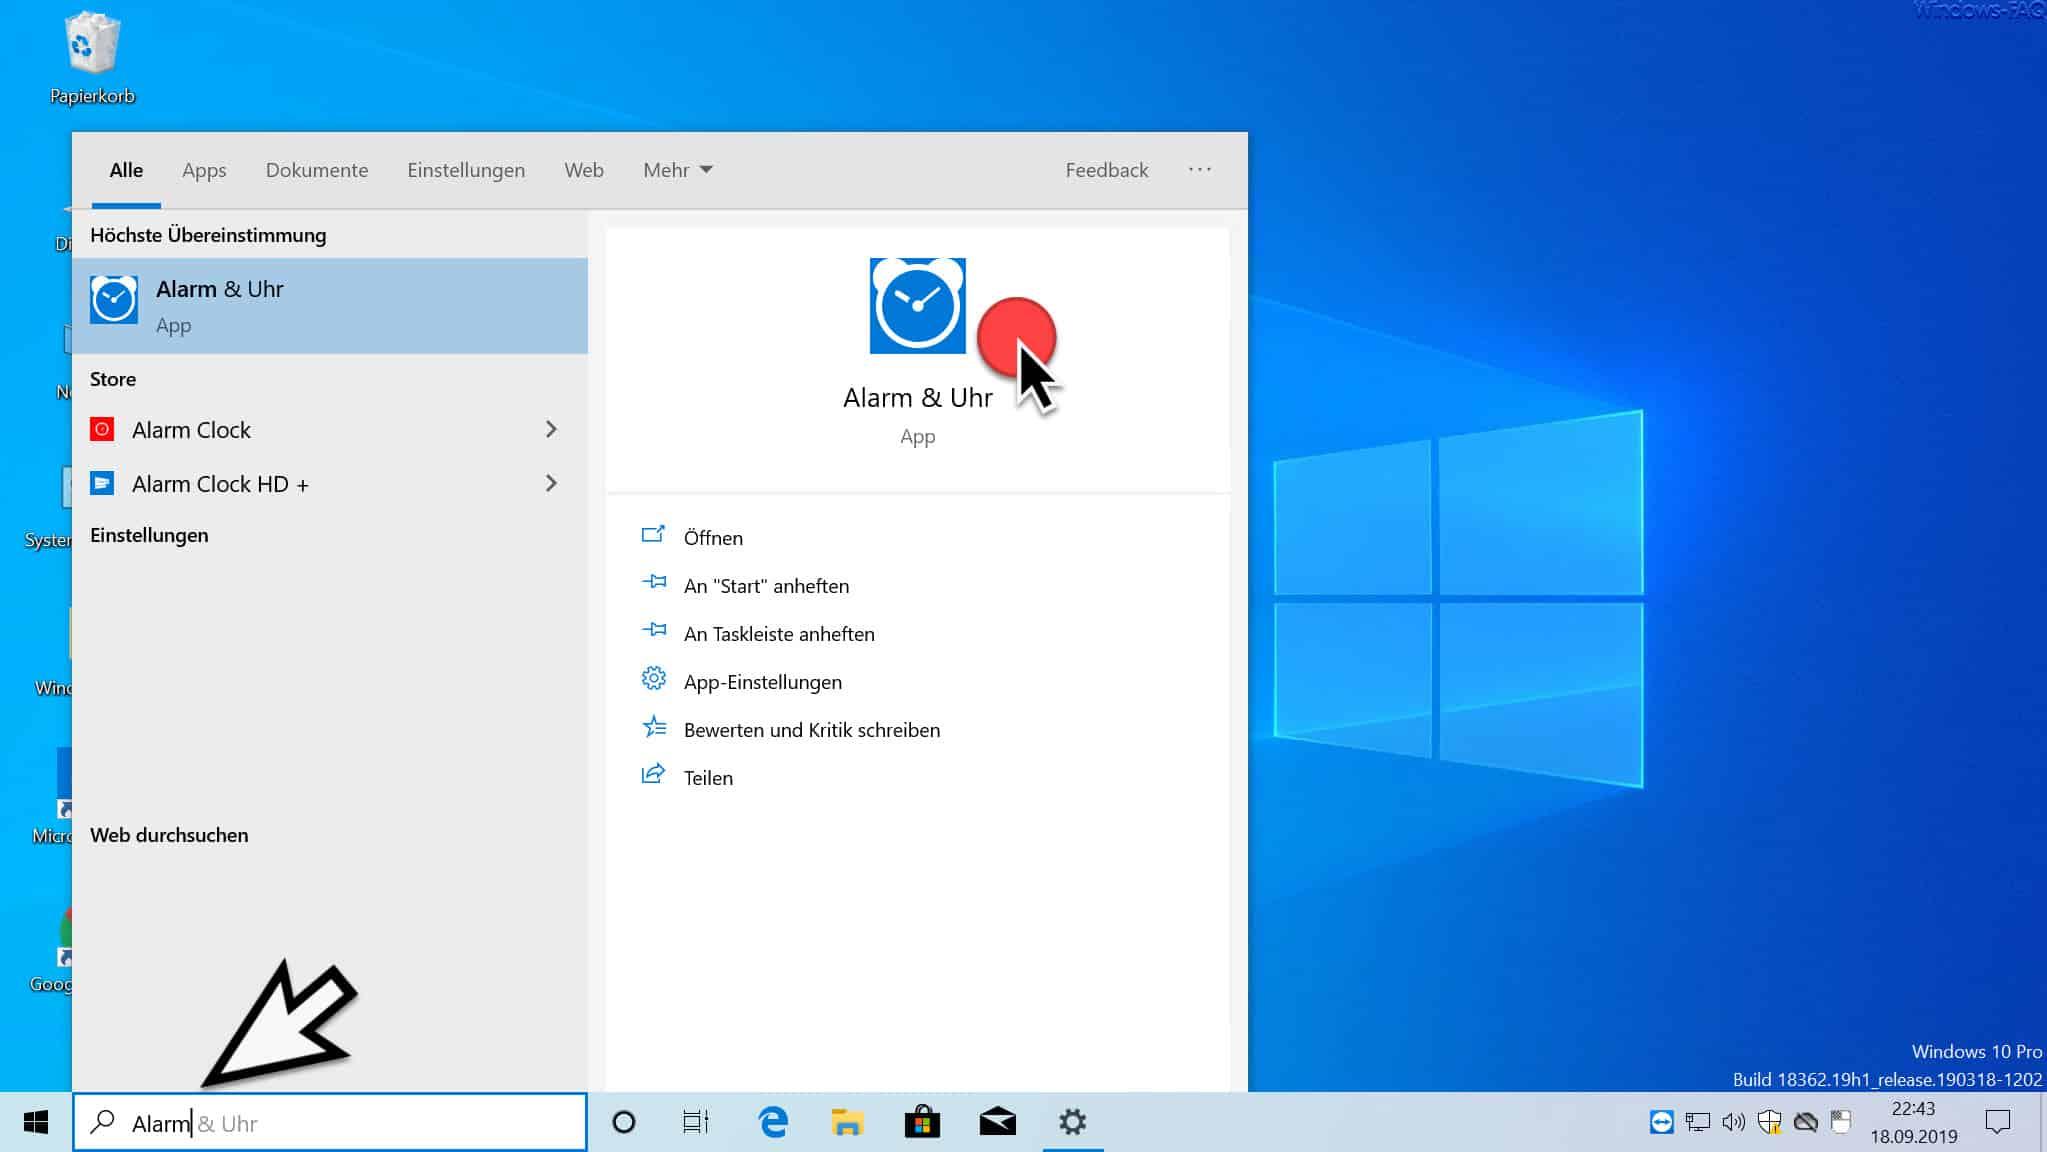 Alarm & Uhr Windows 10